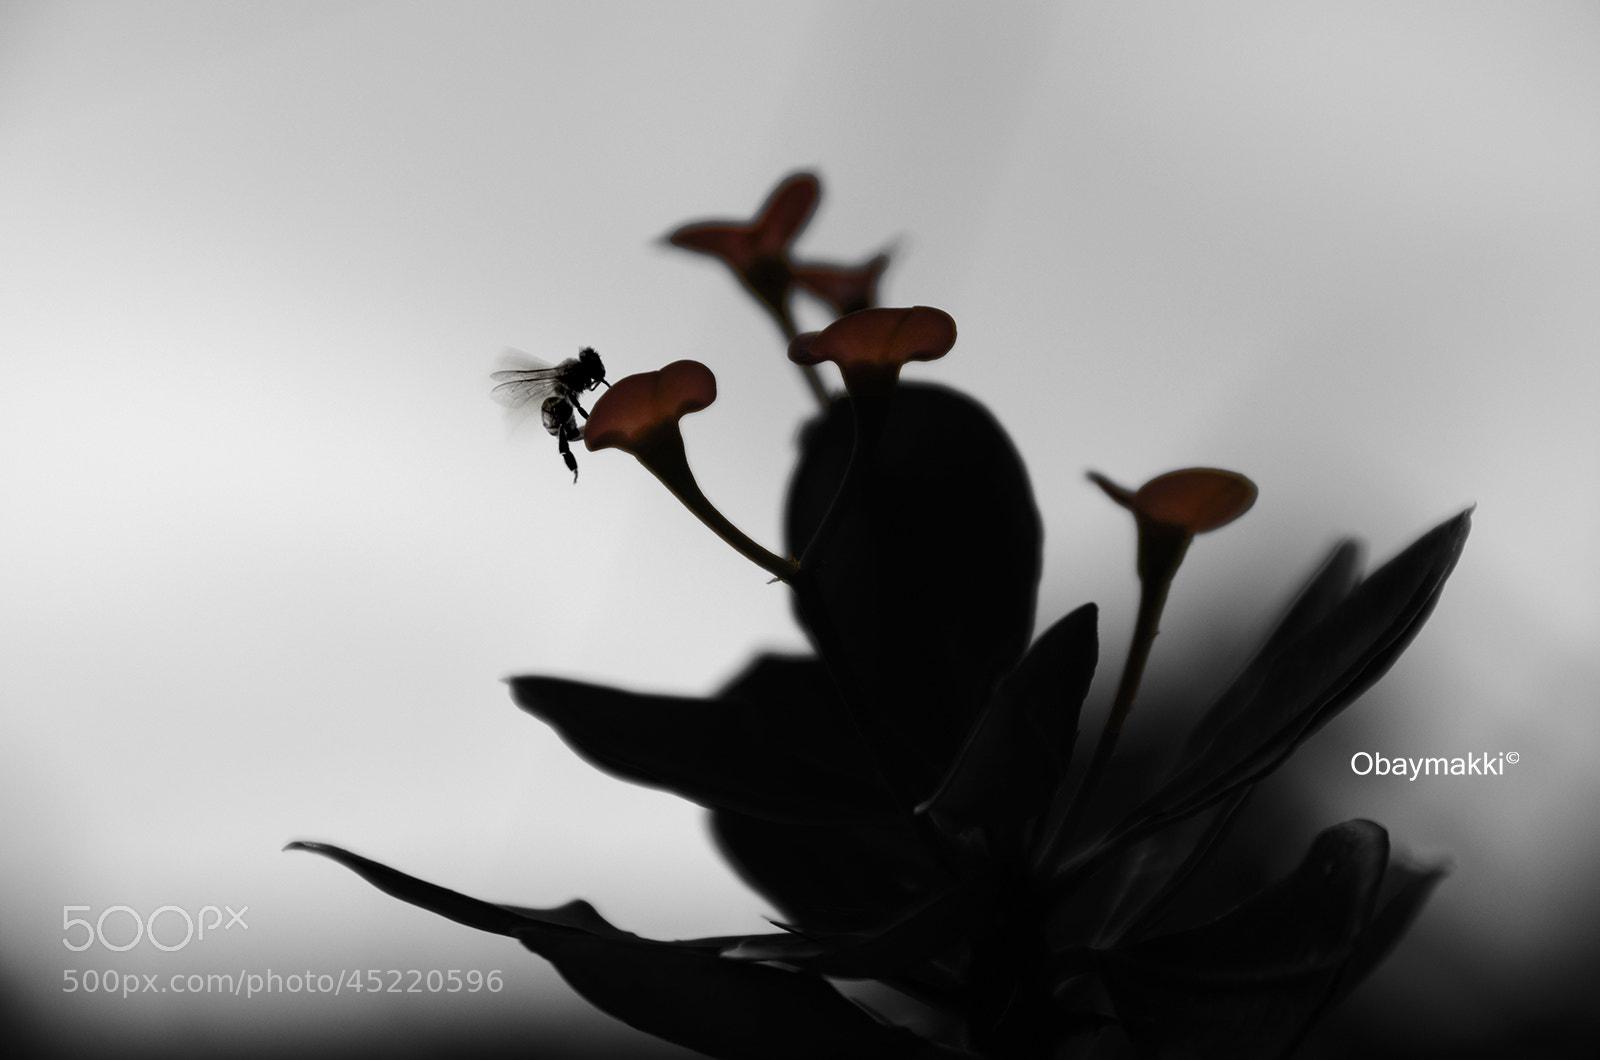 Photograph Untitled by Obay Makki on 500px